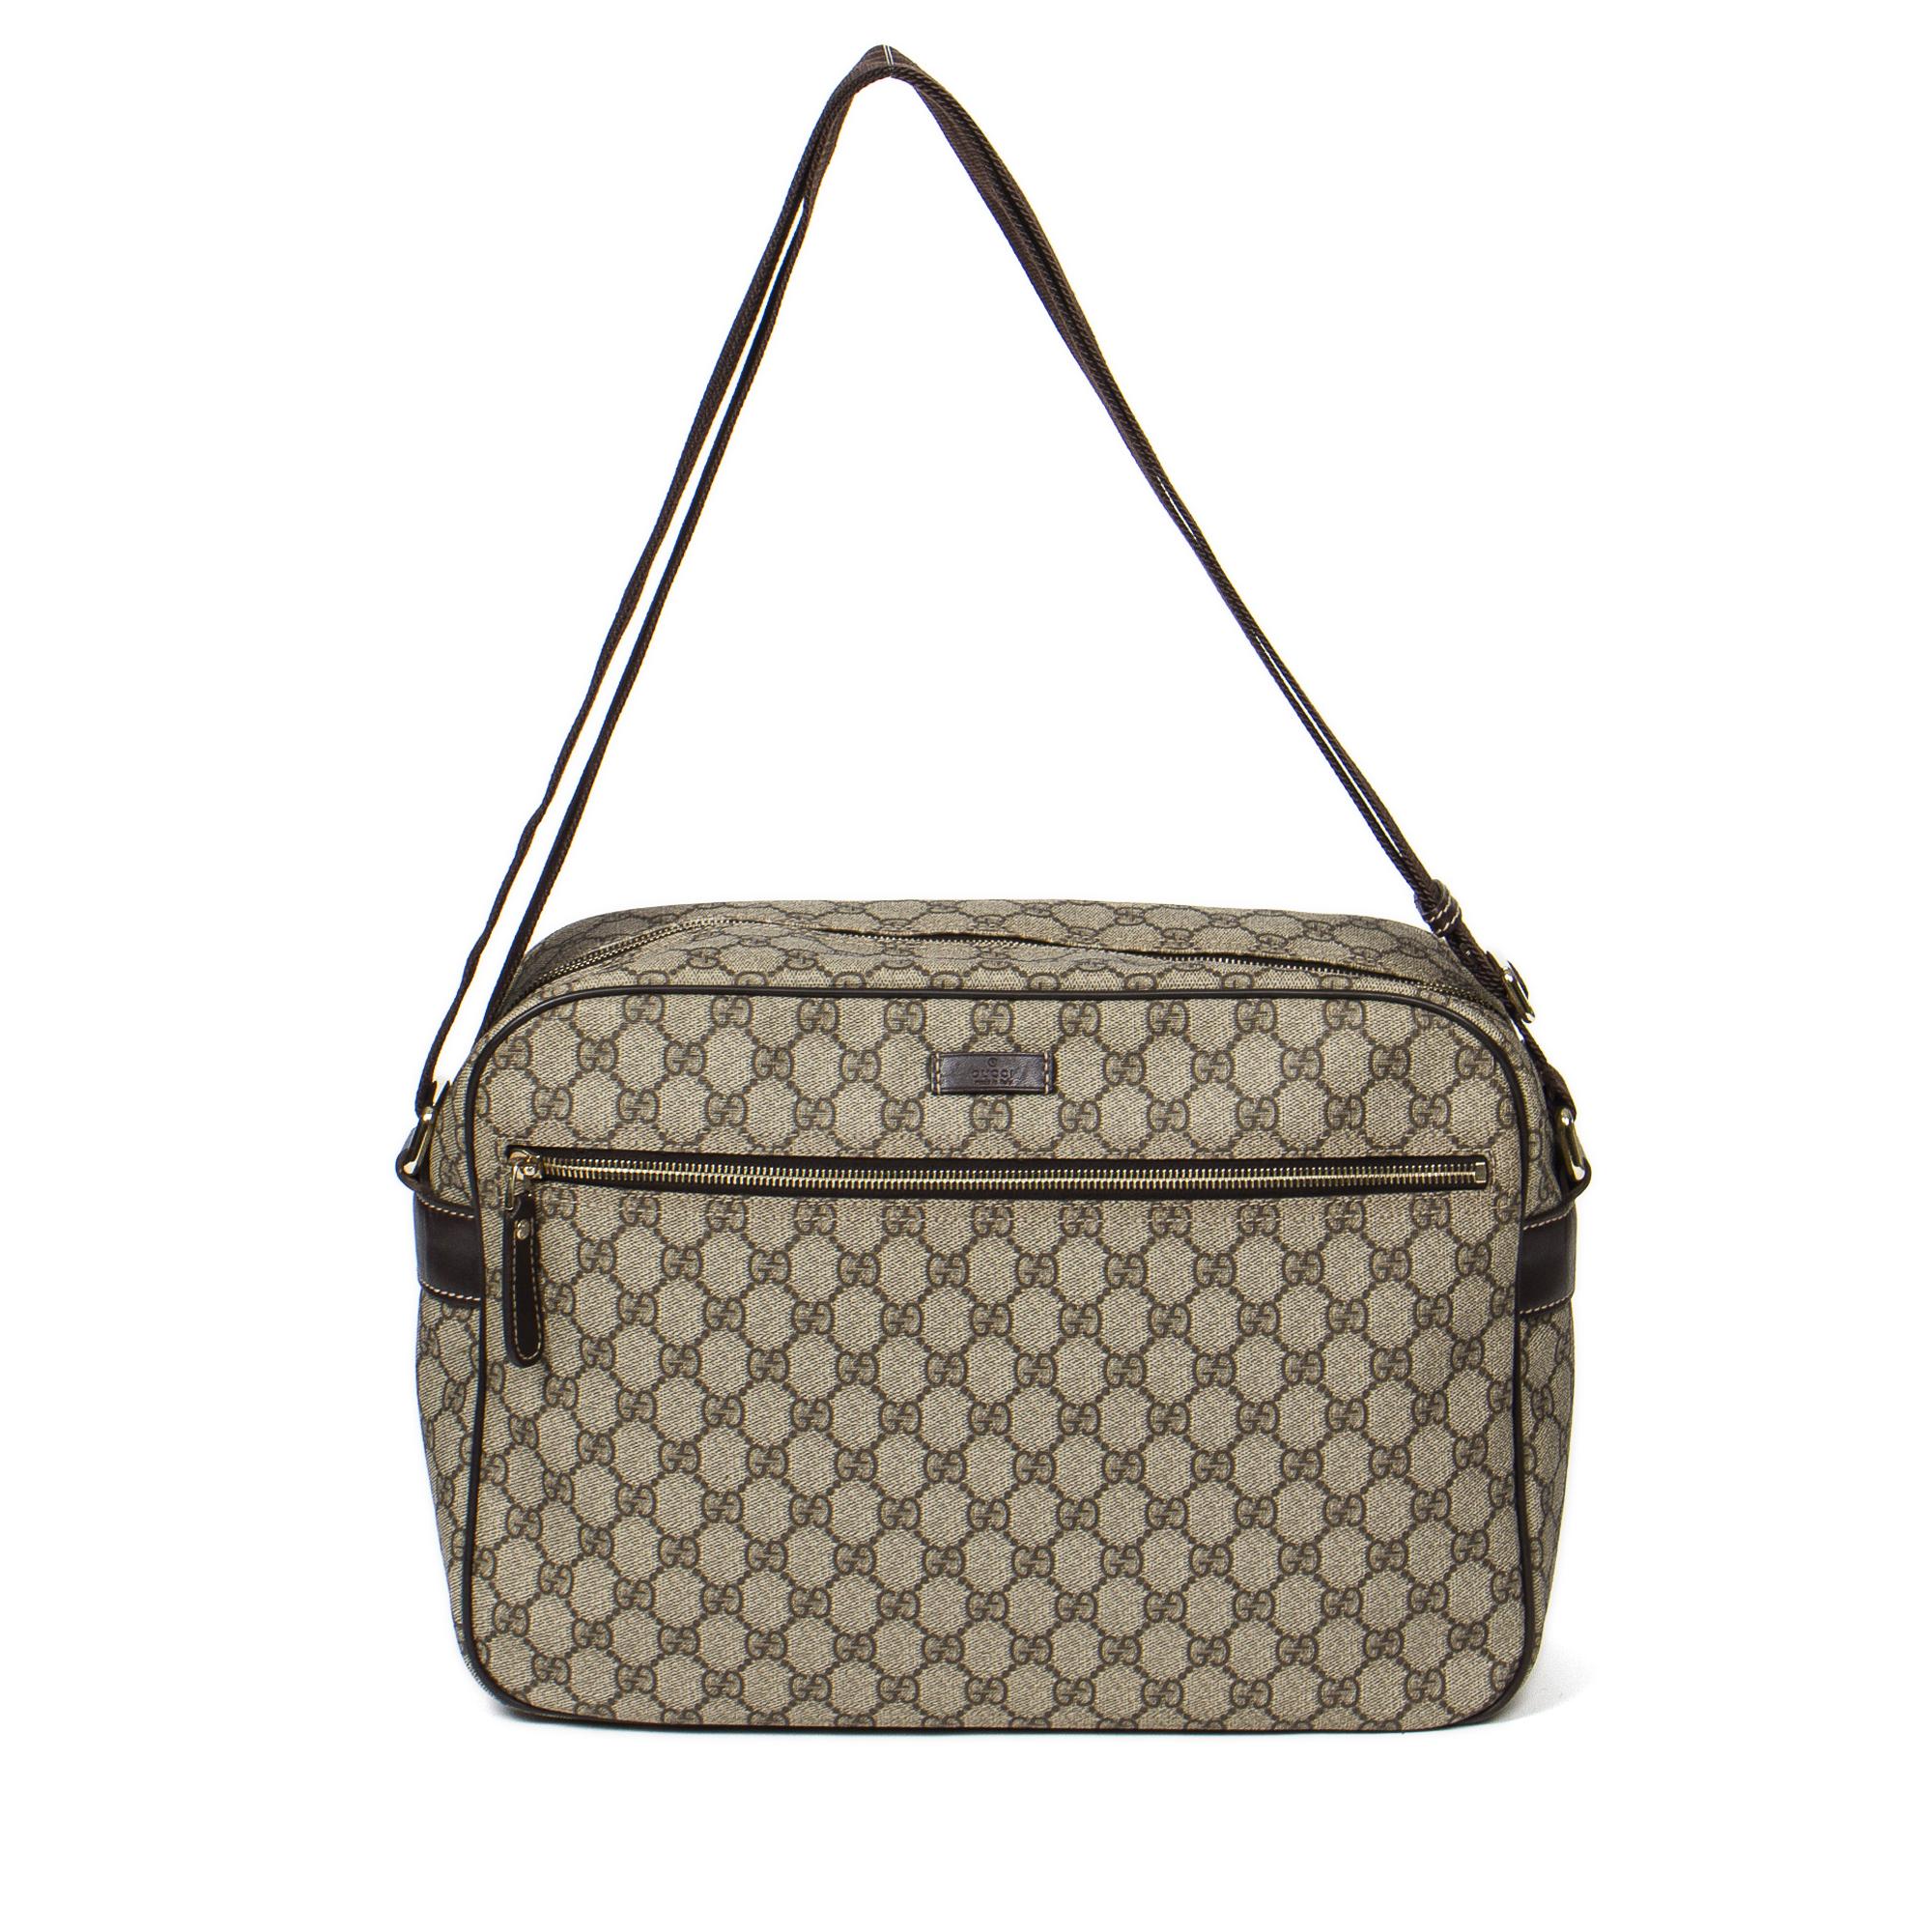 GUCCI Zip Messenger Bag Aak0417, Beige